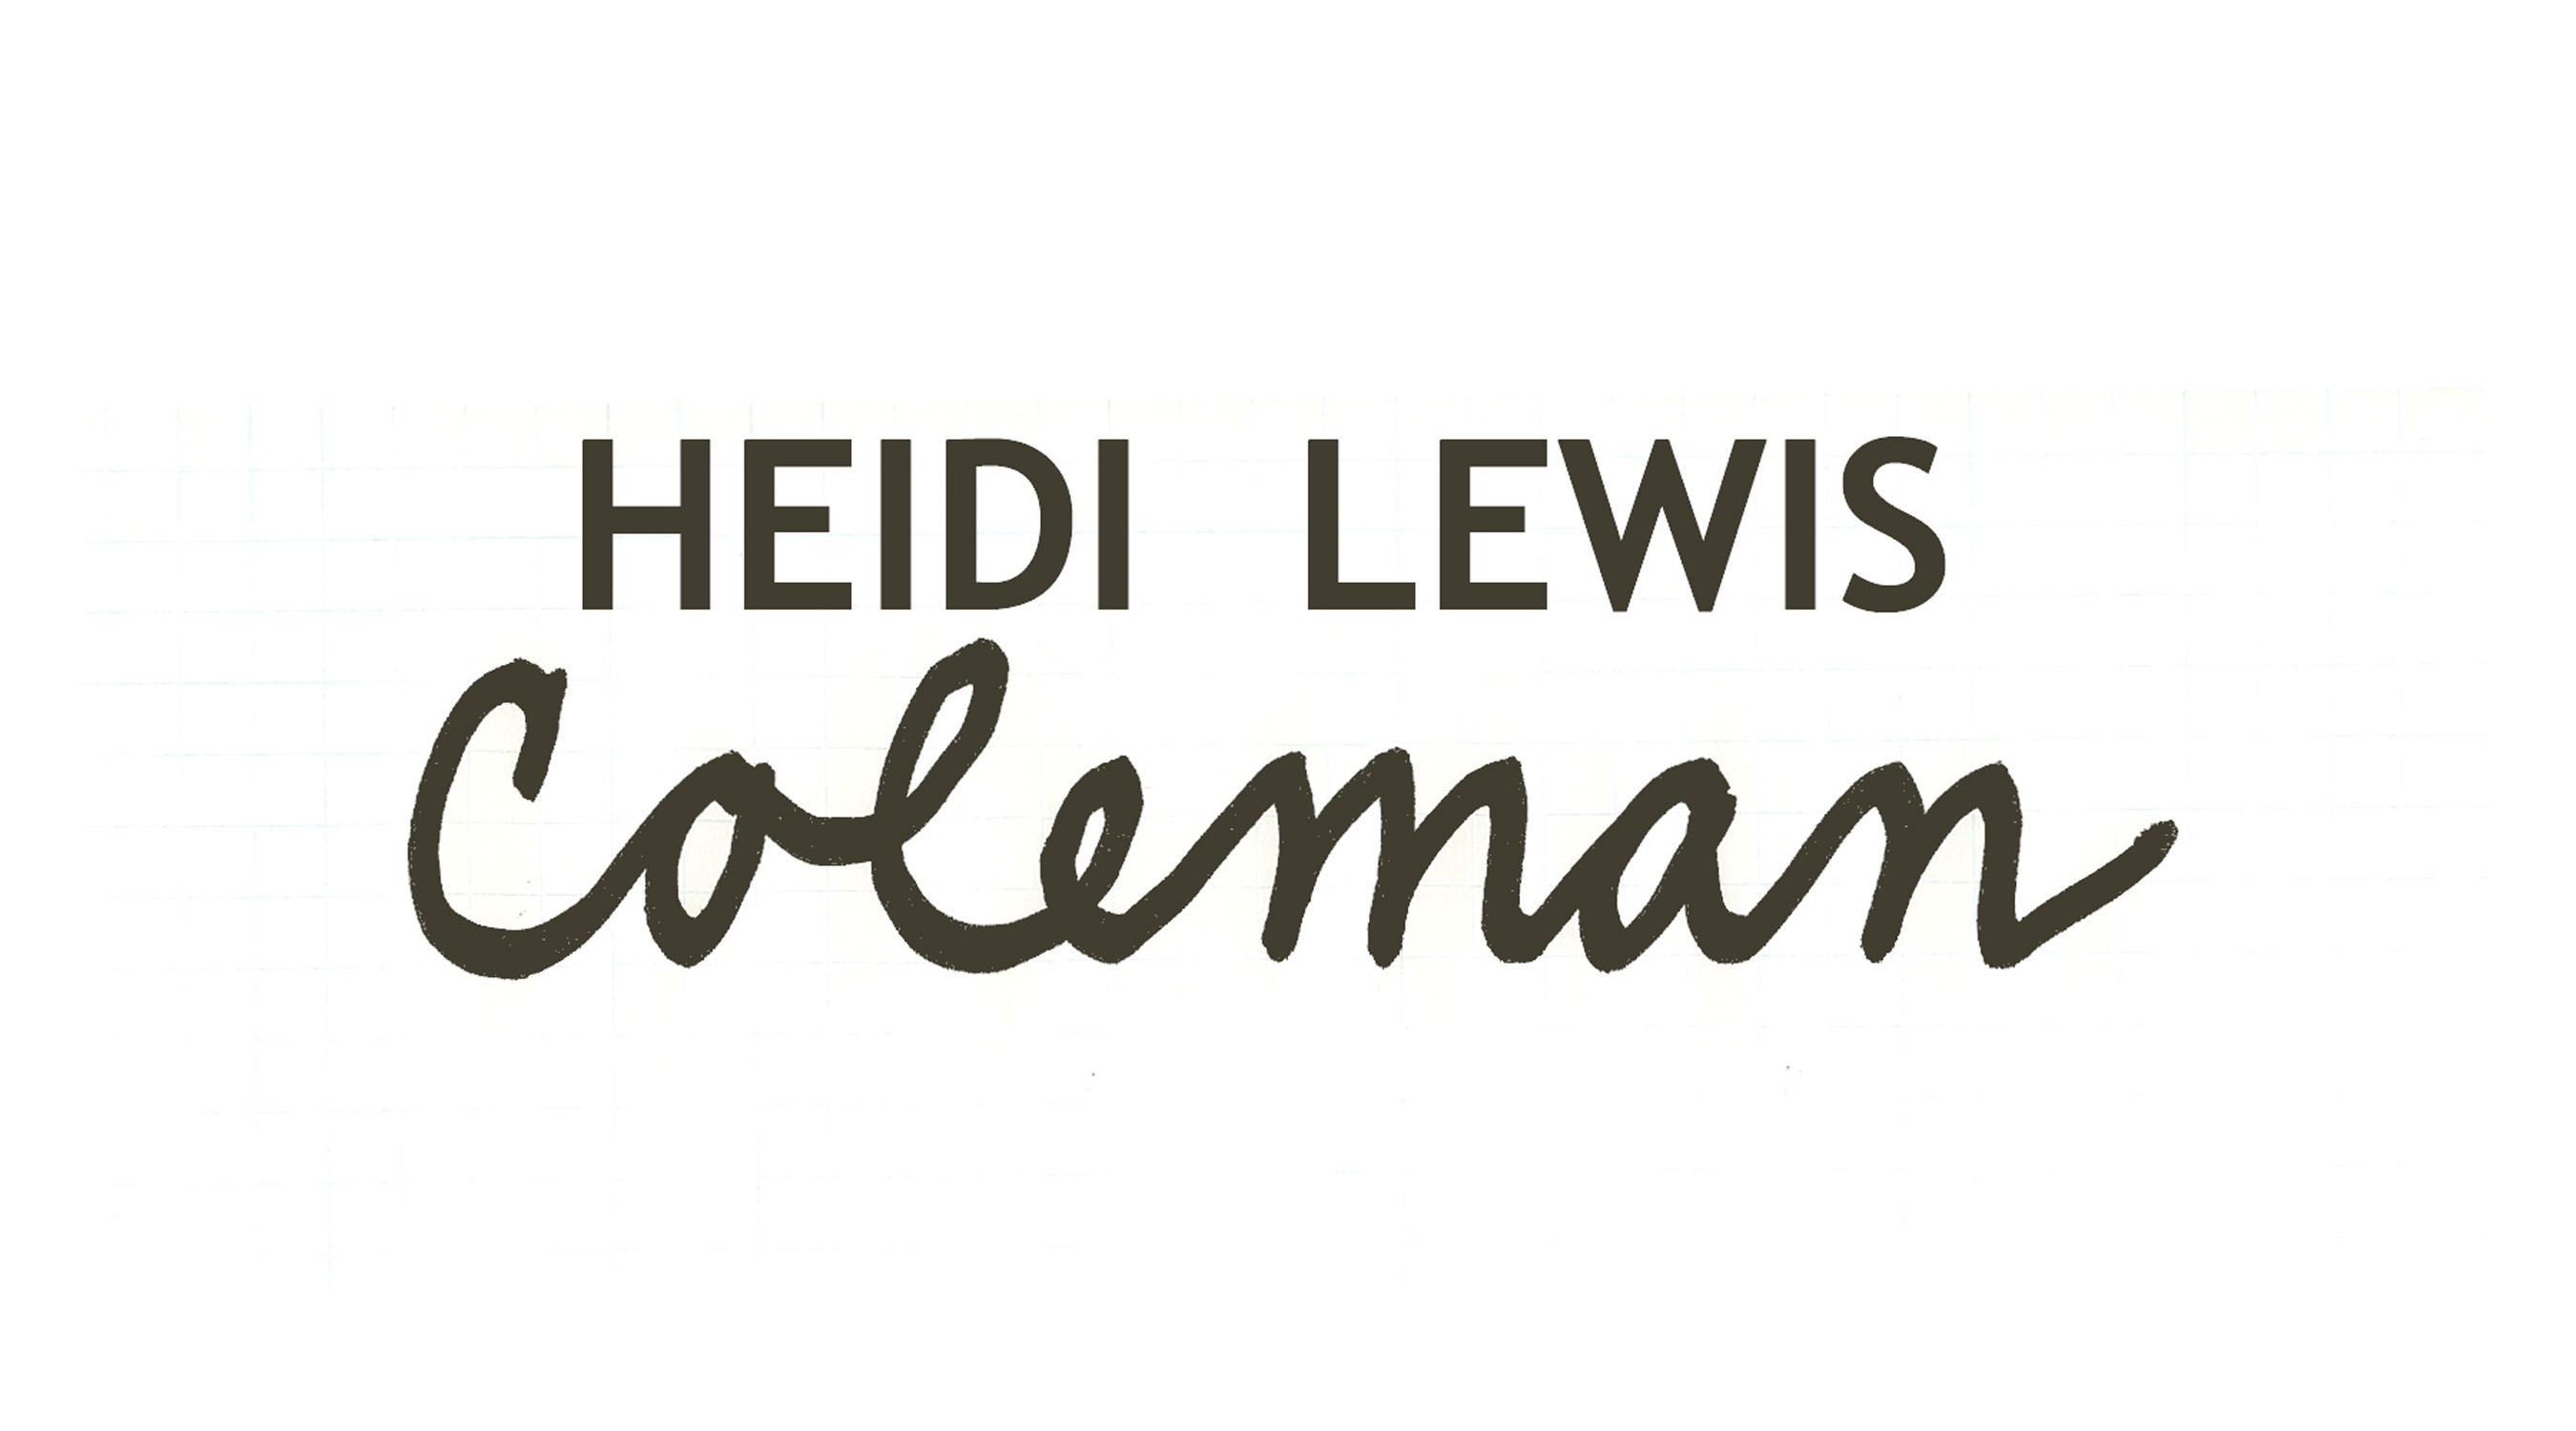 Heidi Lewis Coleman Signature